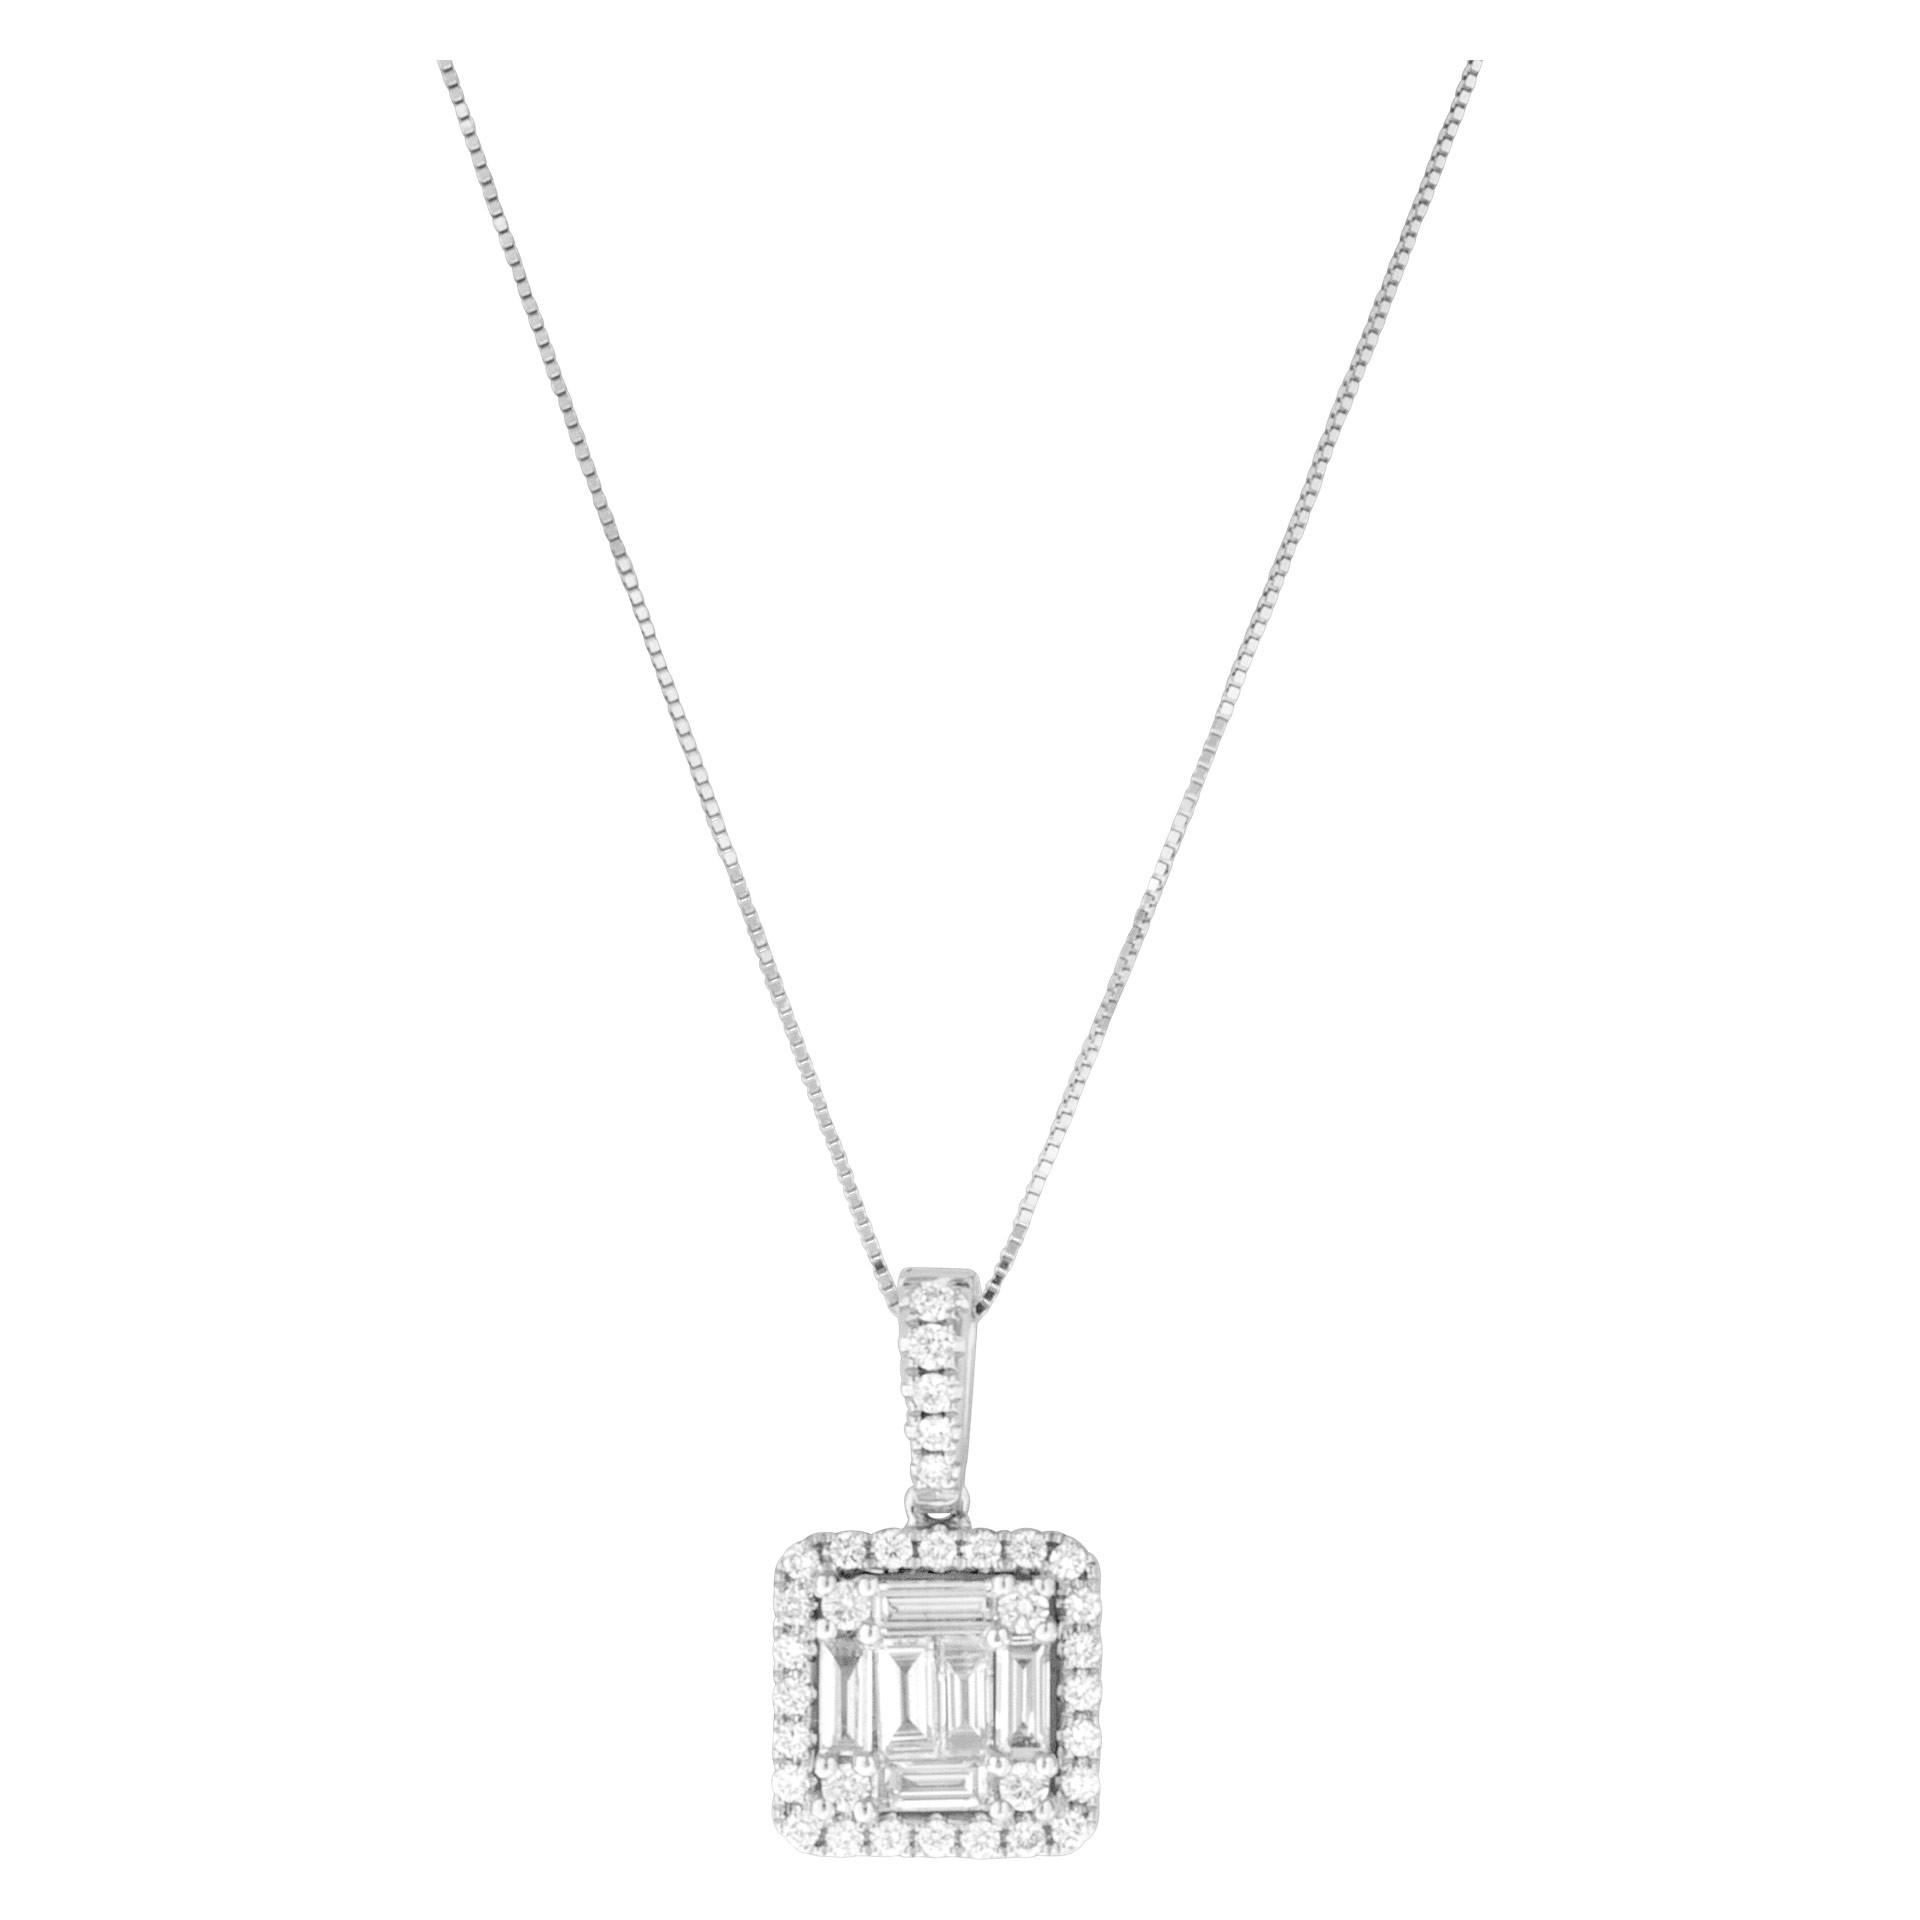 April Birthstone Diamond jewelry: Diamond Pendant